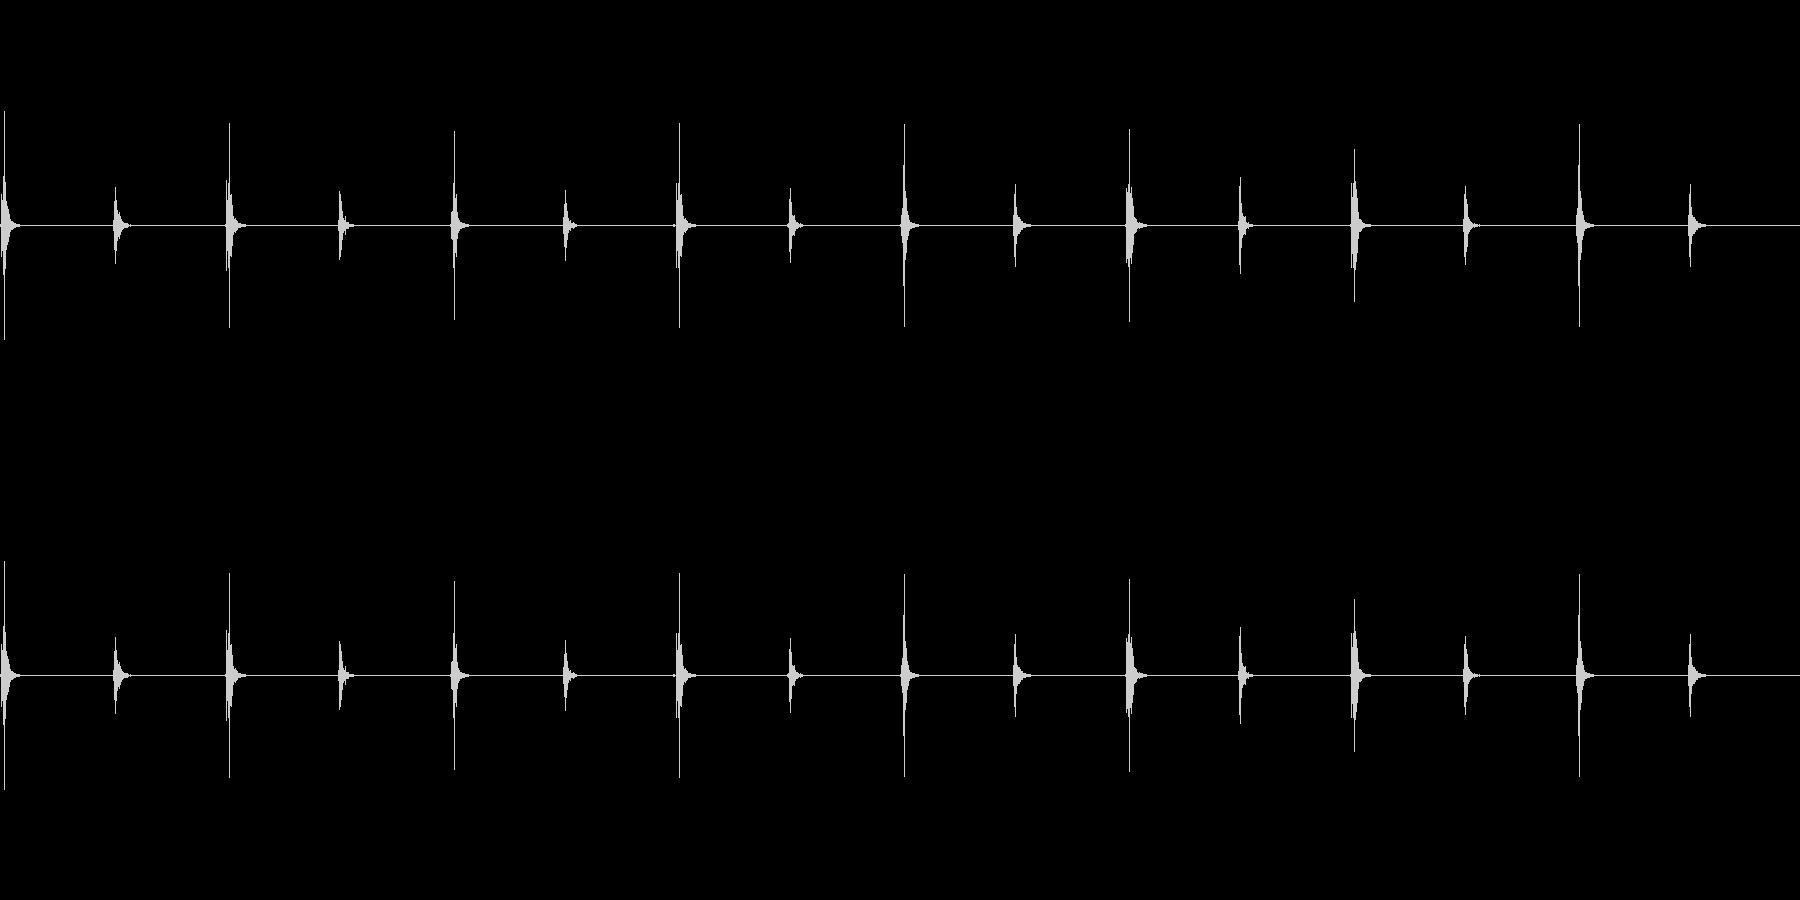 時計の秒針(ループ可)の未再生の波形